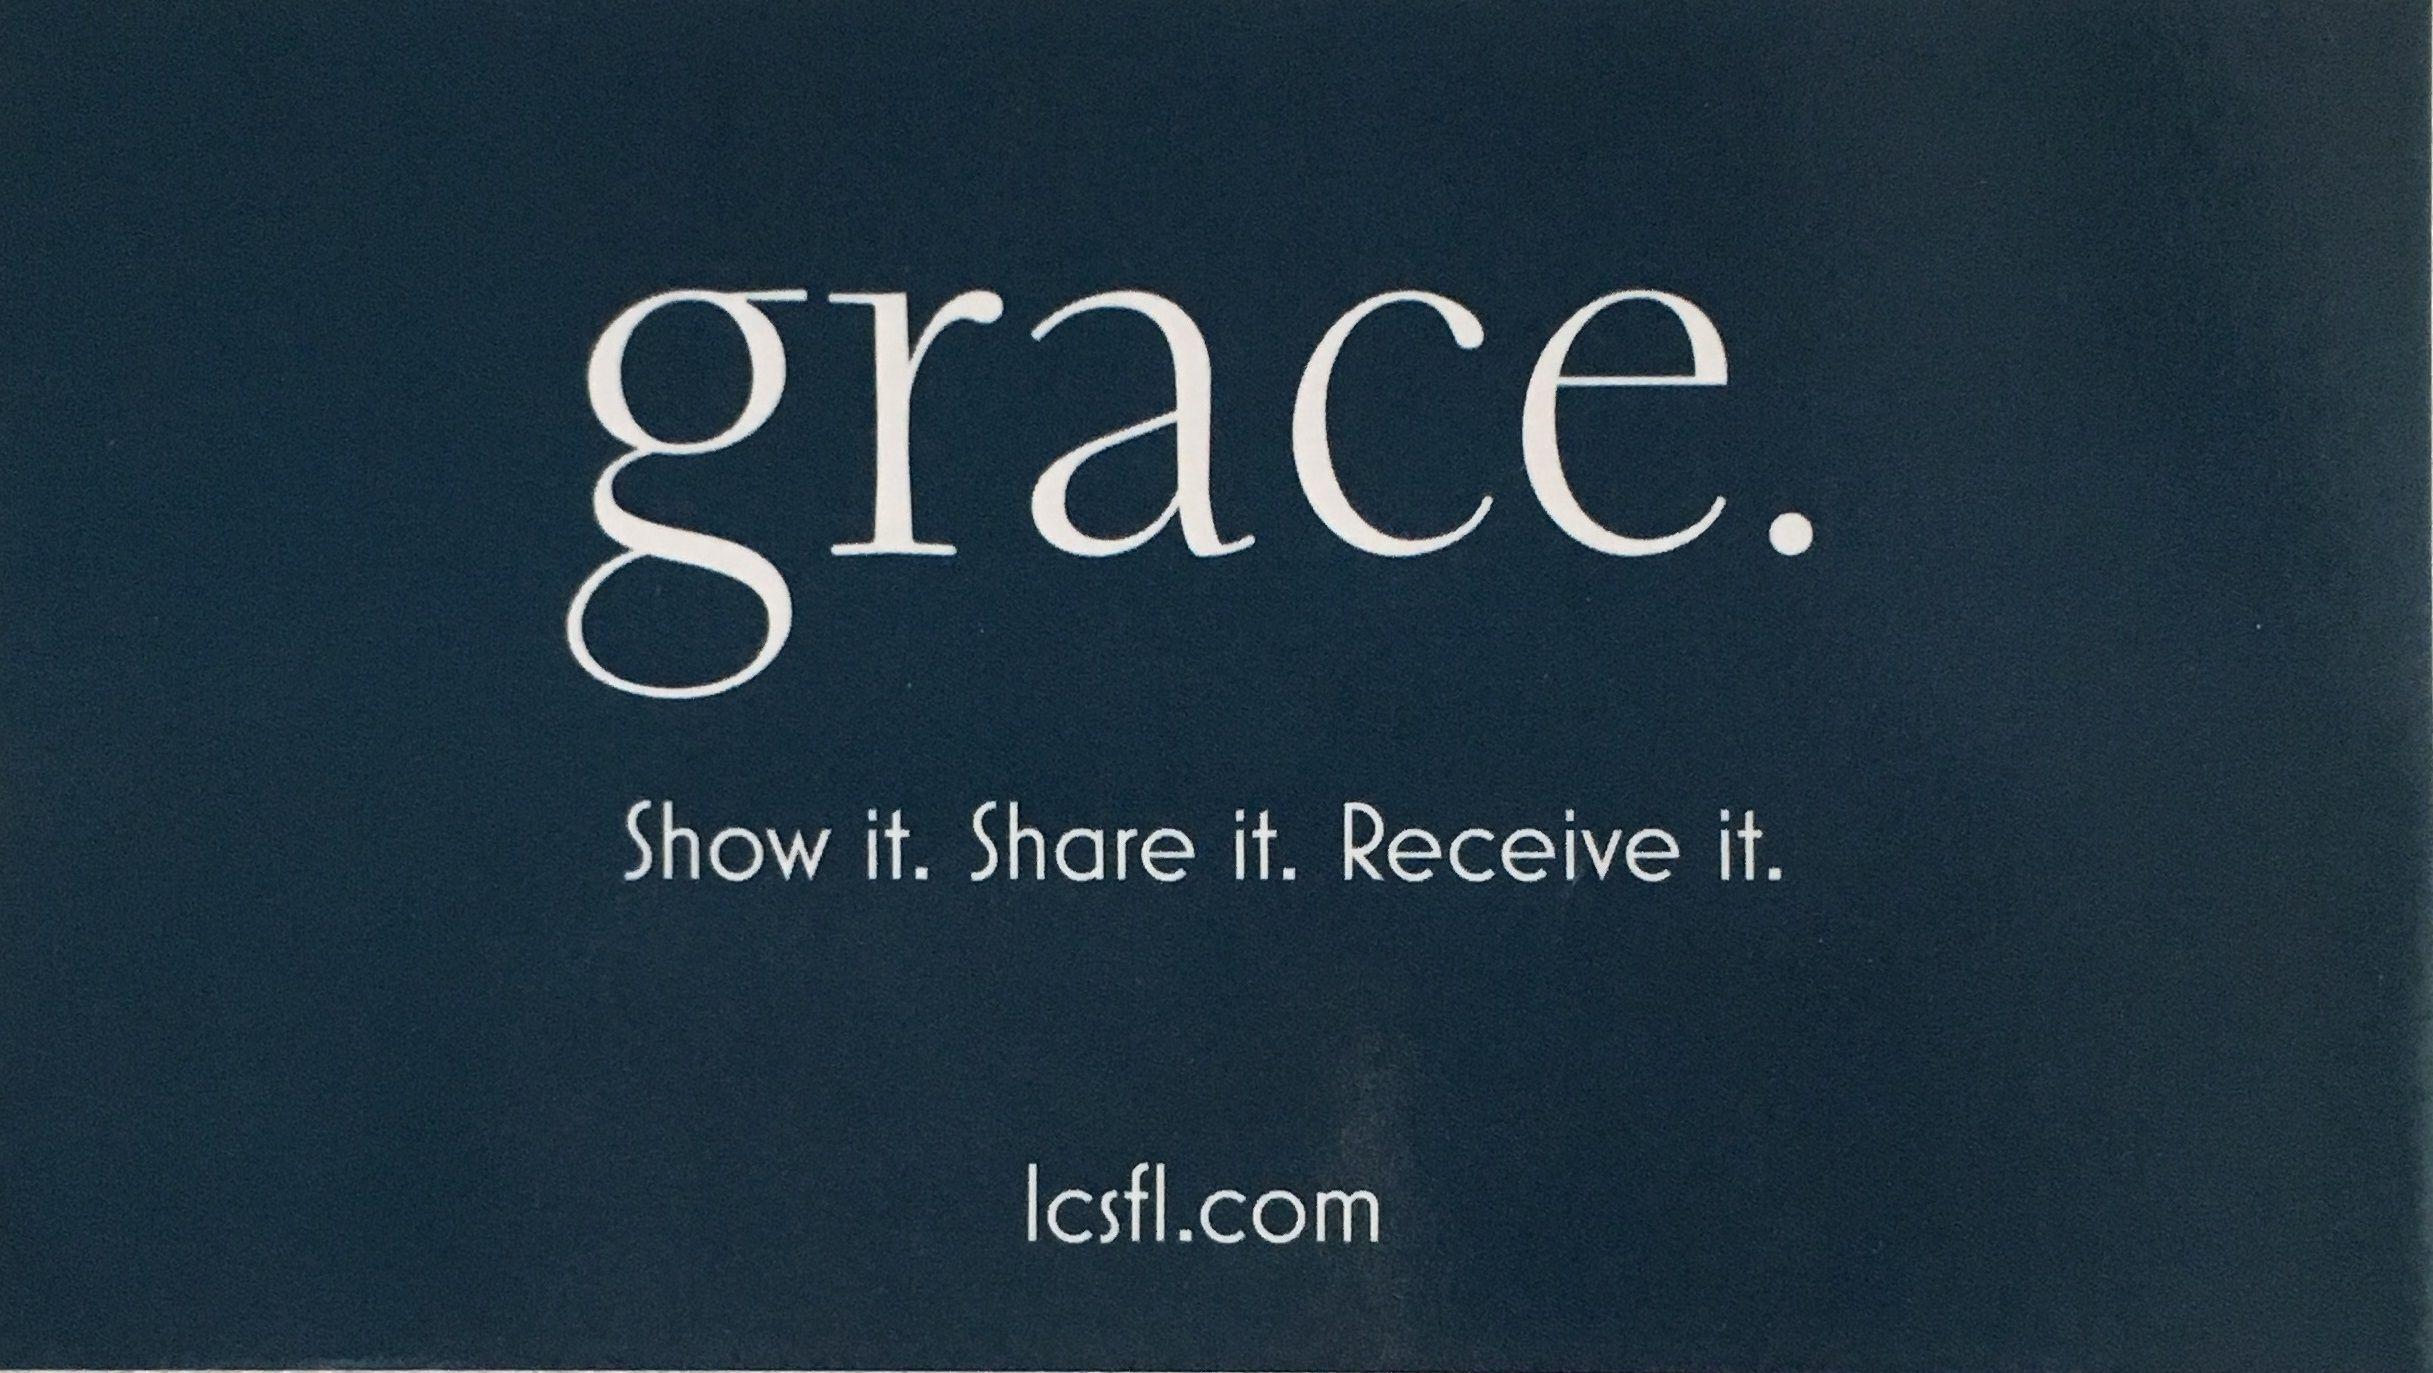 Then Grace walked in.